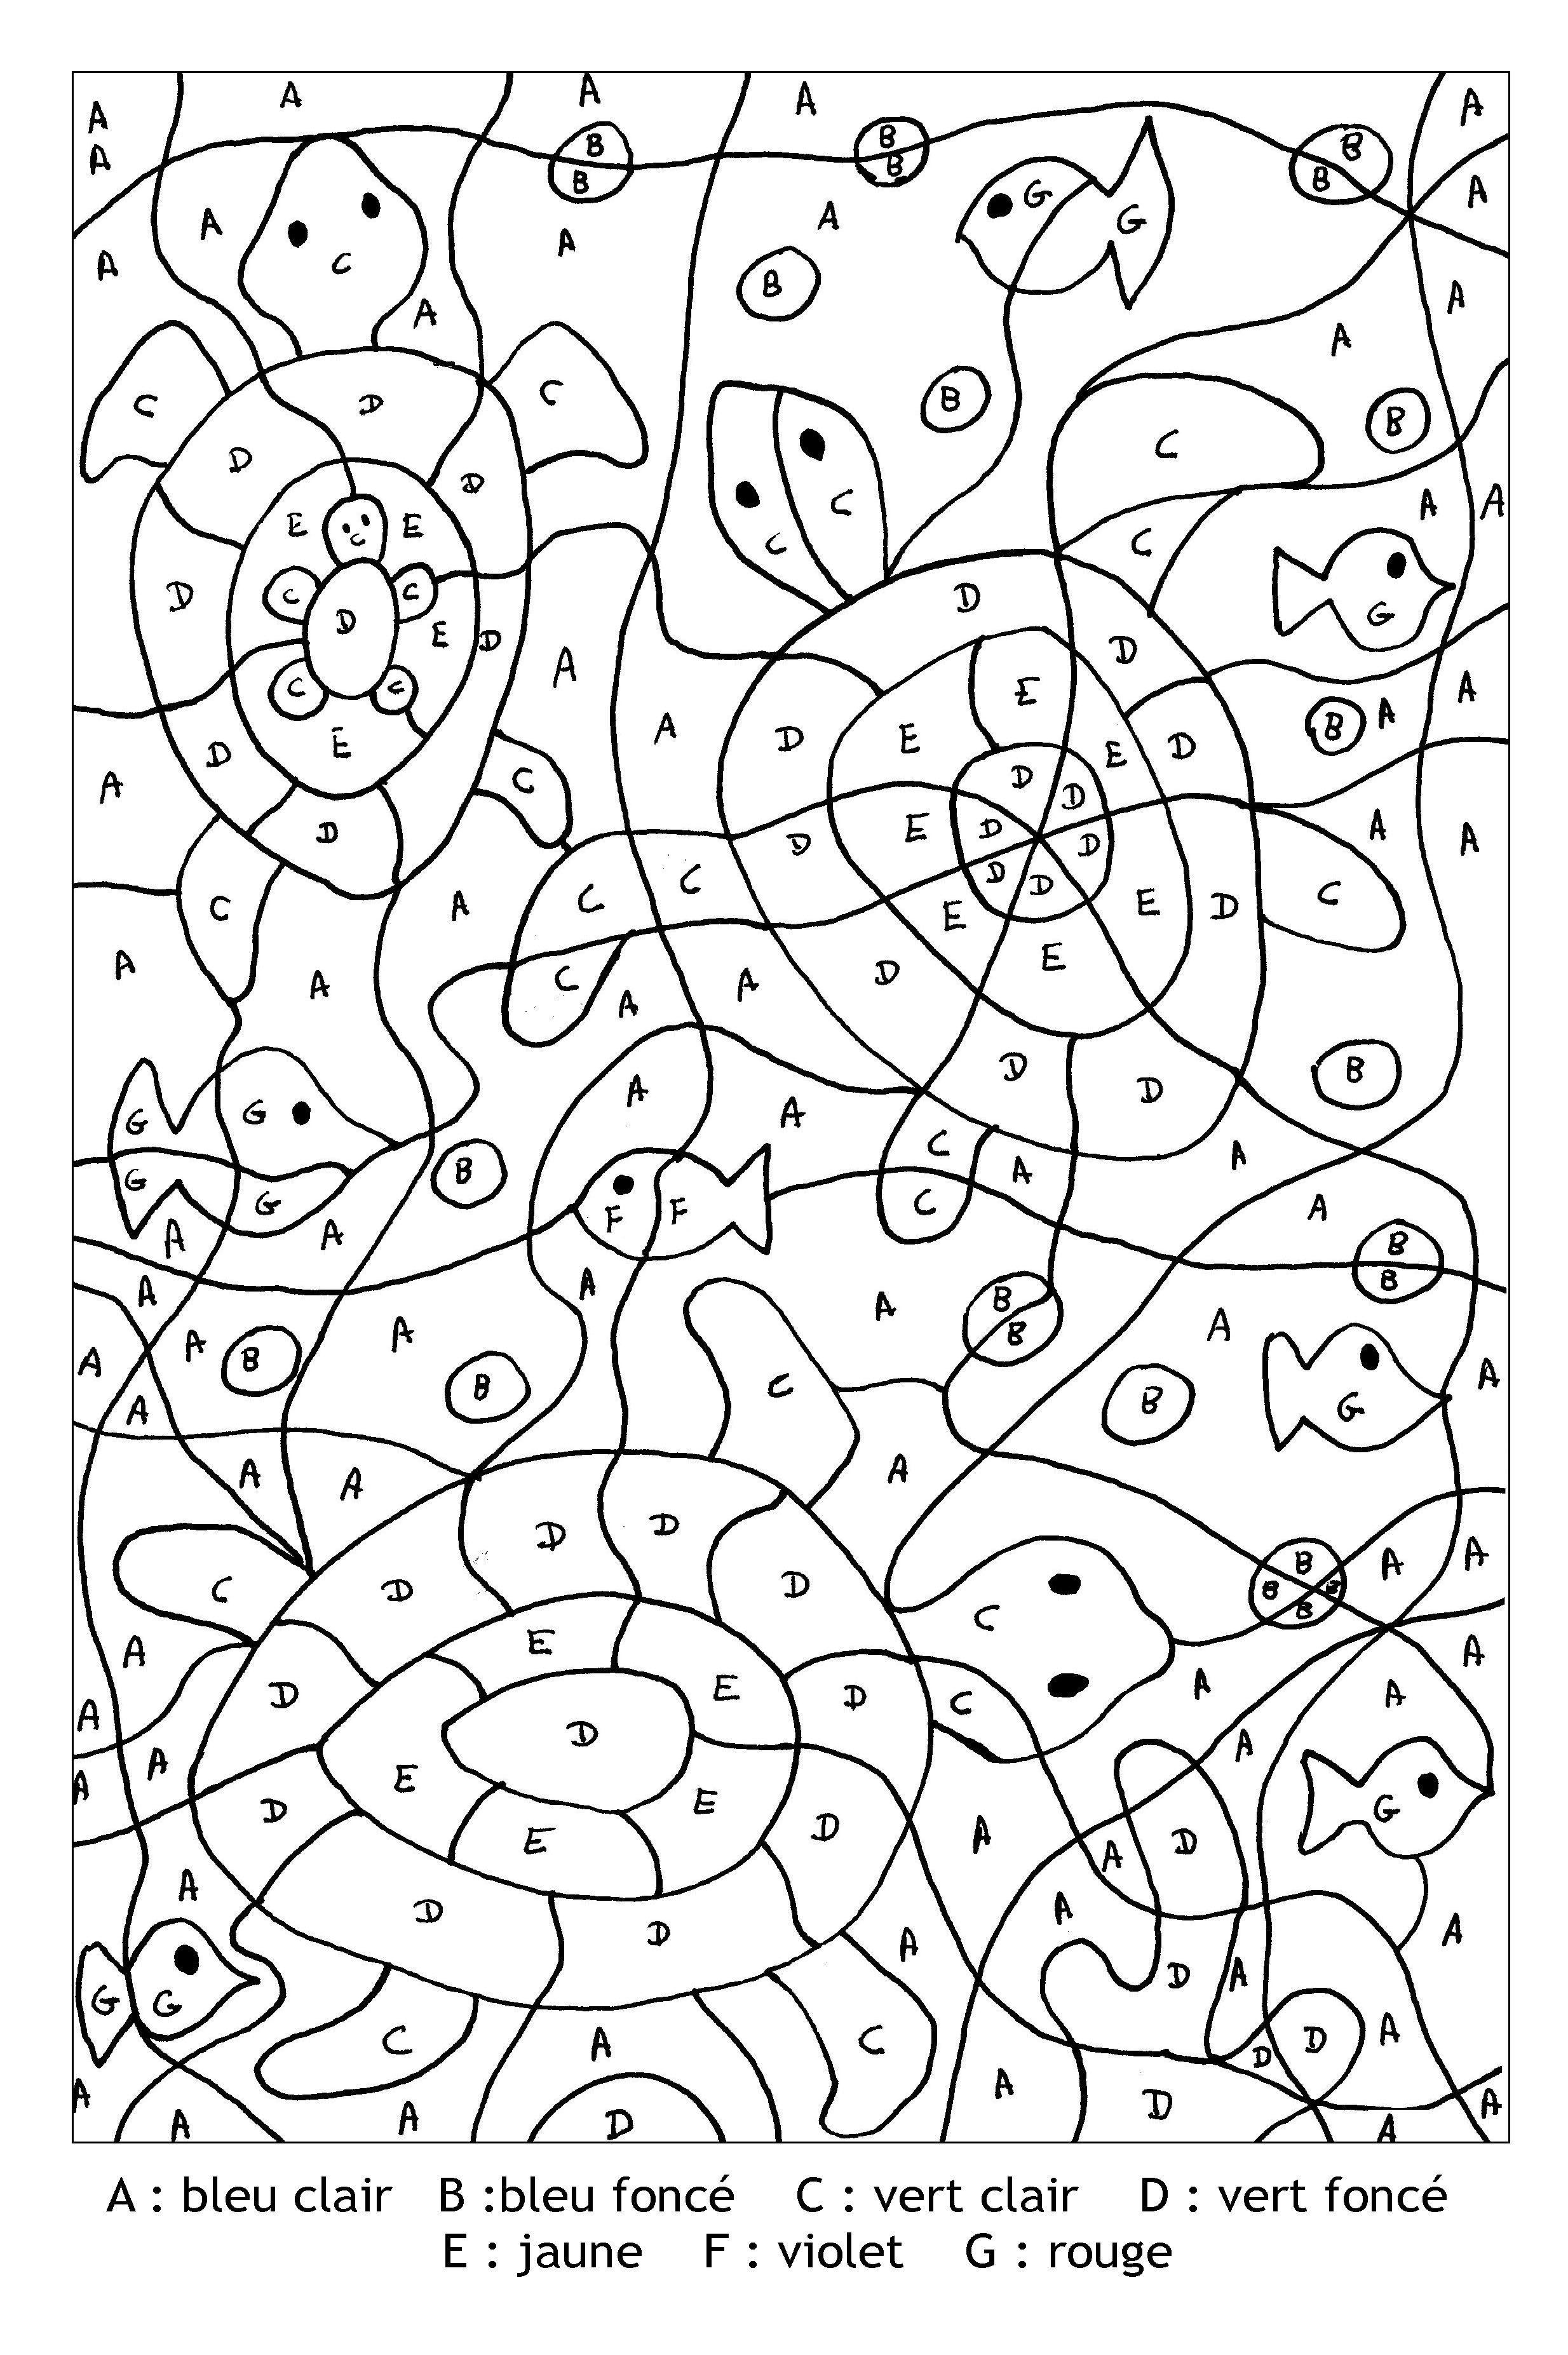 Coloriage Magique Lettre C Coloring Pages Disney Coloring Pages Alphabet Coloring Pages [ 3707 x 2468 Pixel ]